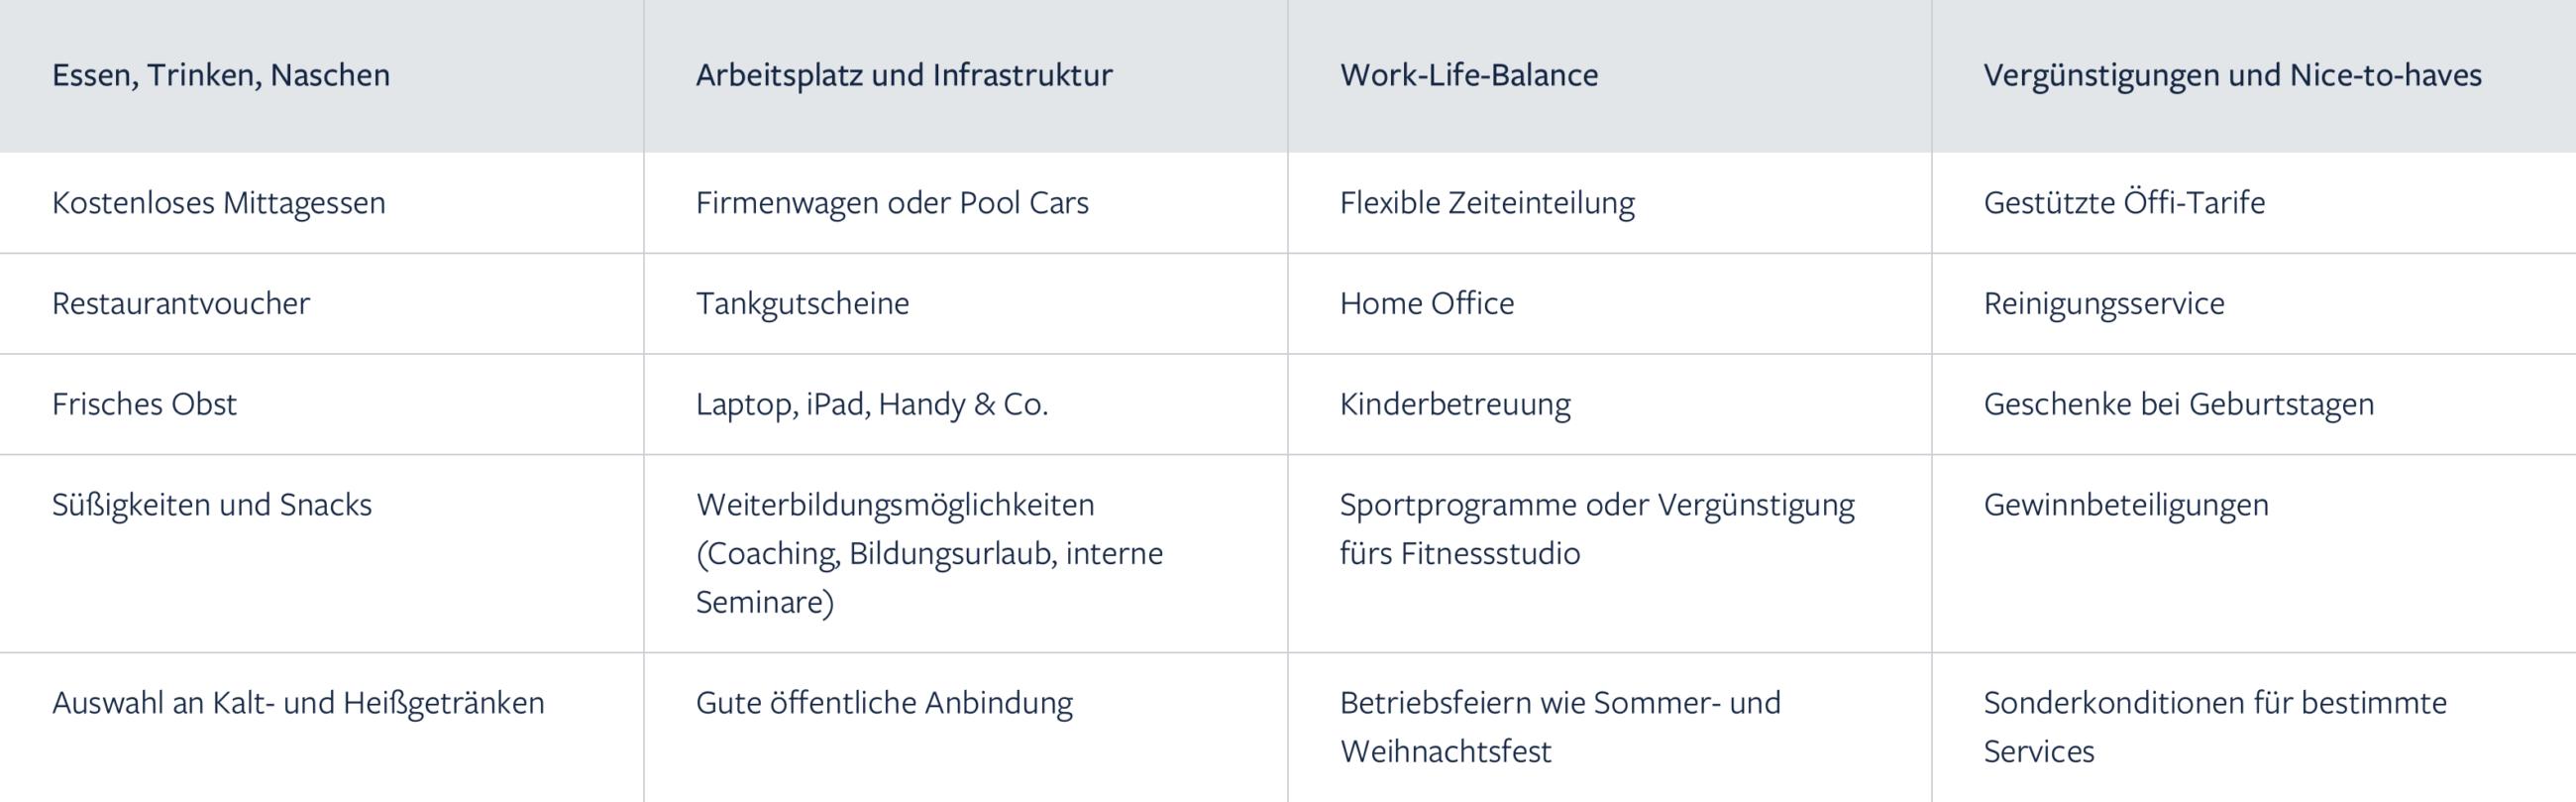 Hr tipps employerbranding benefitsfuer Mitarbeiter tabelle